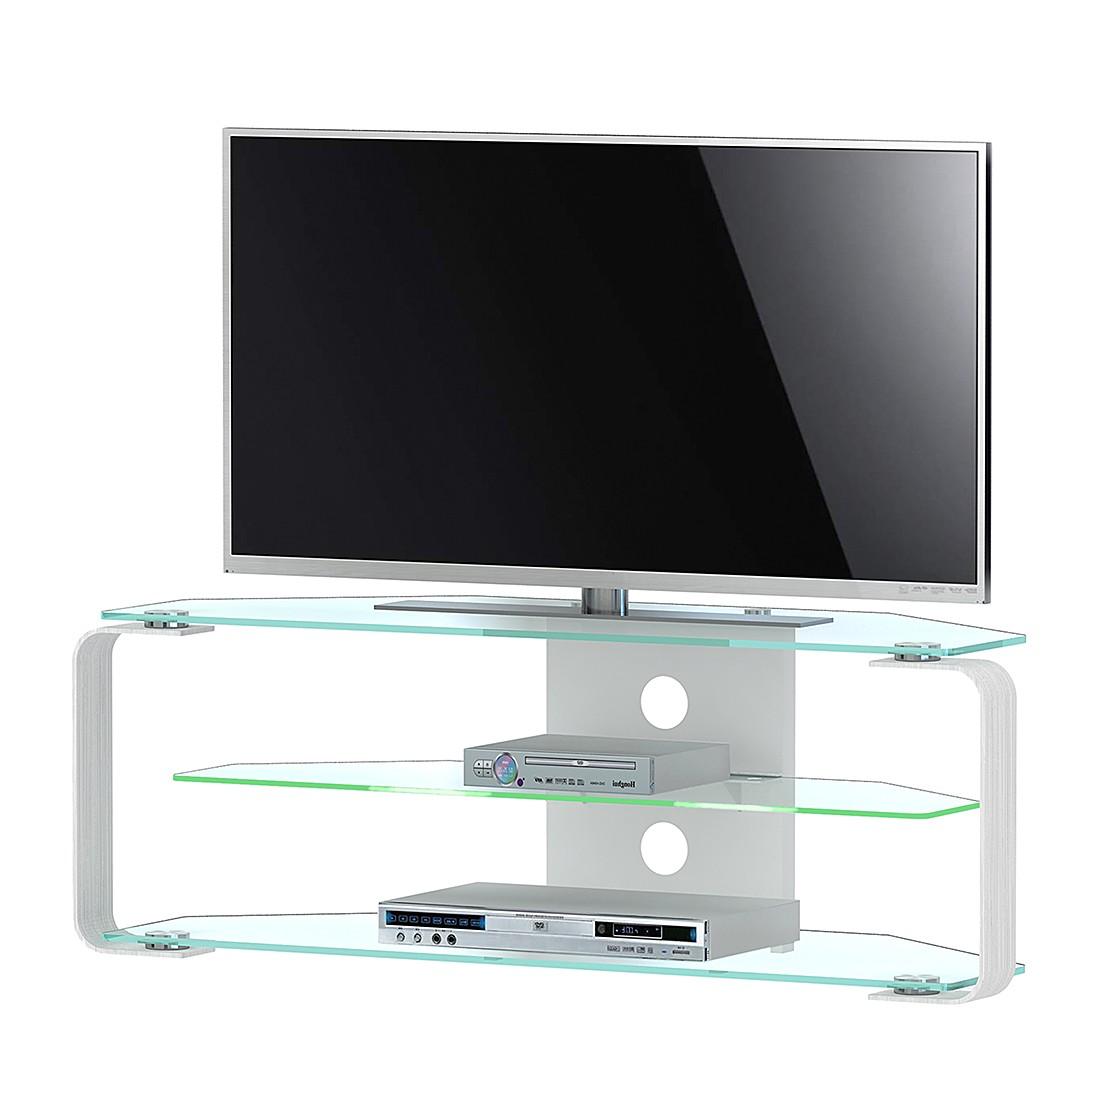 energia A+, Supporto TV CU-MR (inclusivo di illuminazione) - Alluminio/Vetro - 110 cm, Jahnke